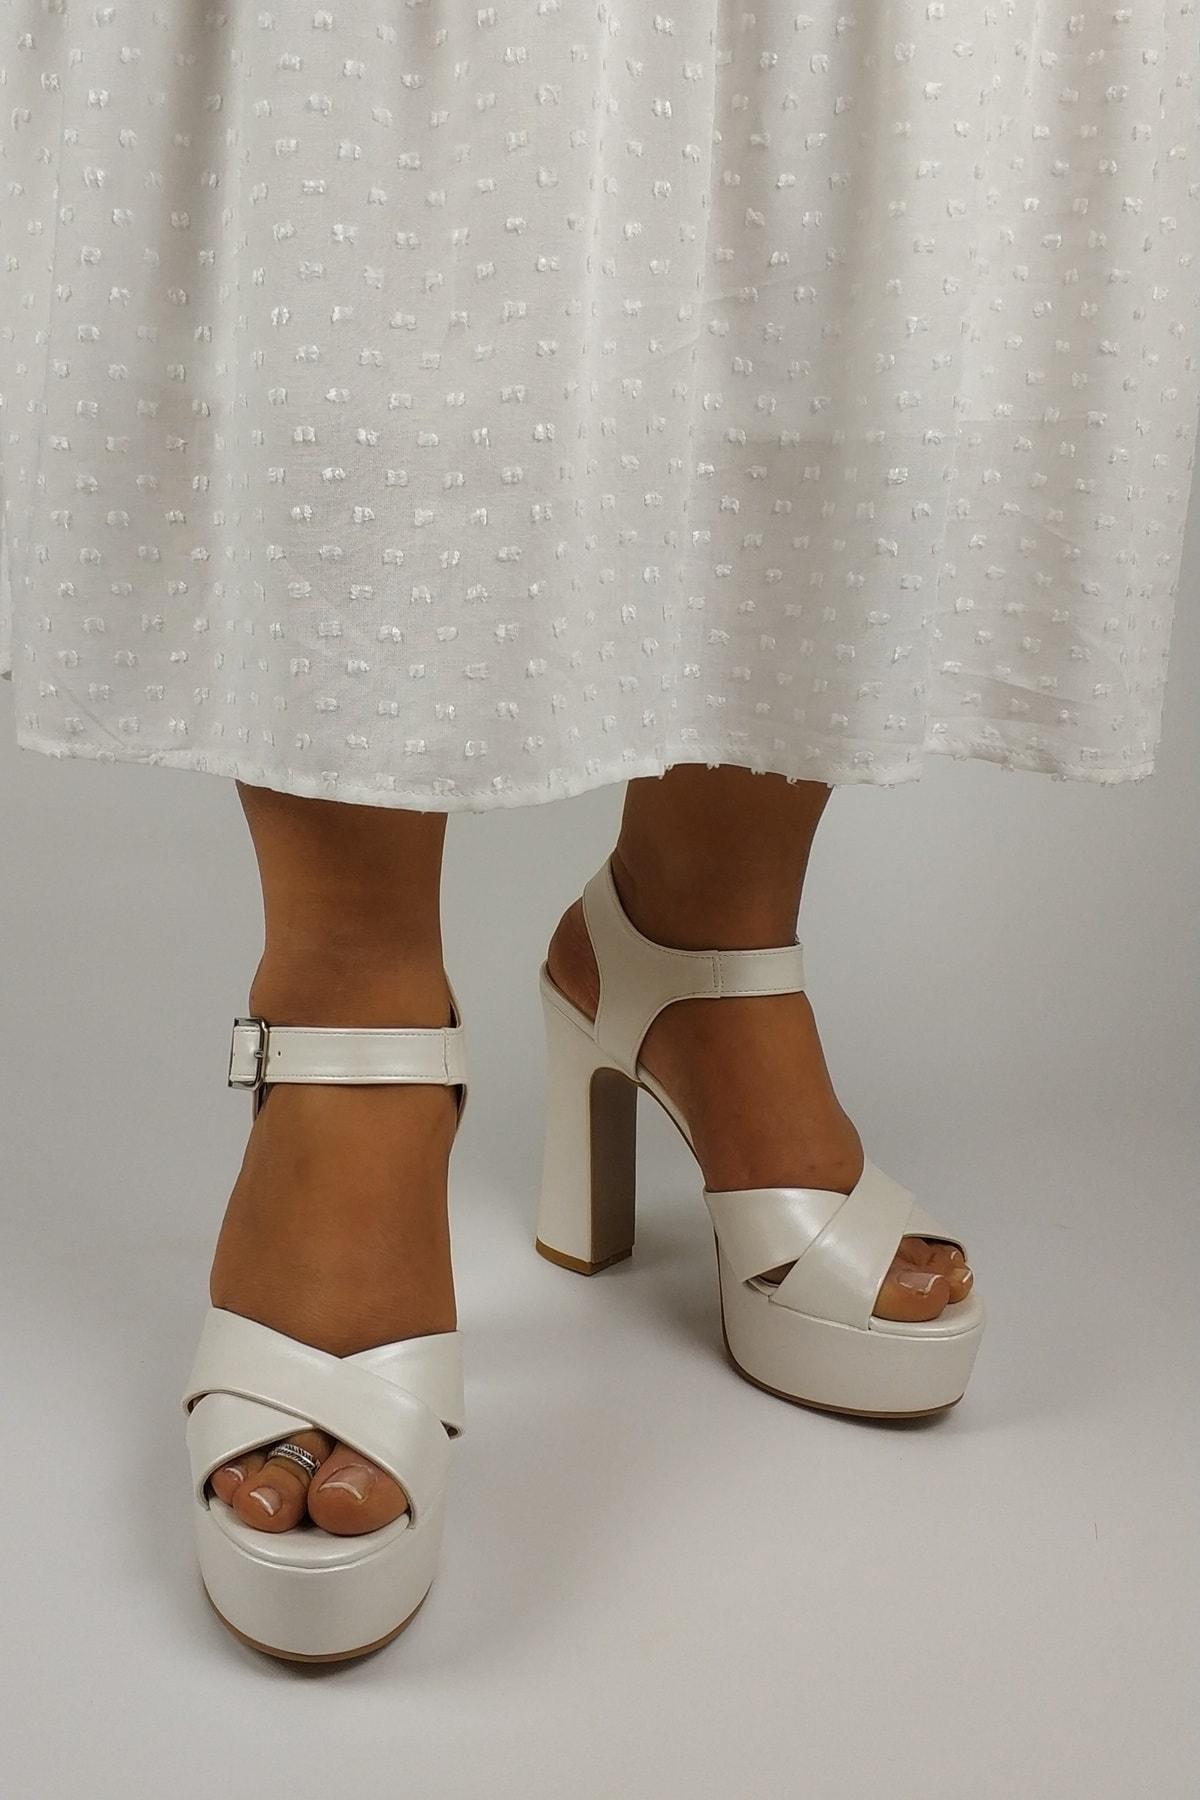 CL CALZATURE Kadın Sedef Kalın Topuk Platformlu Kadın  Ayakkabı